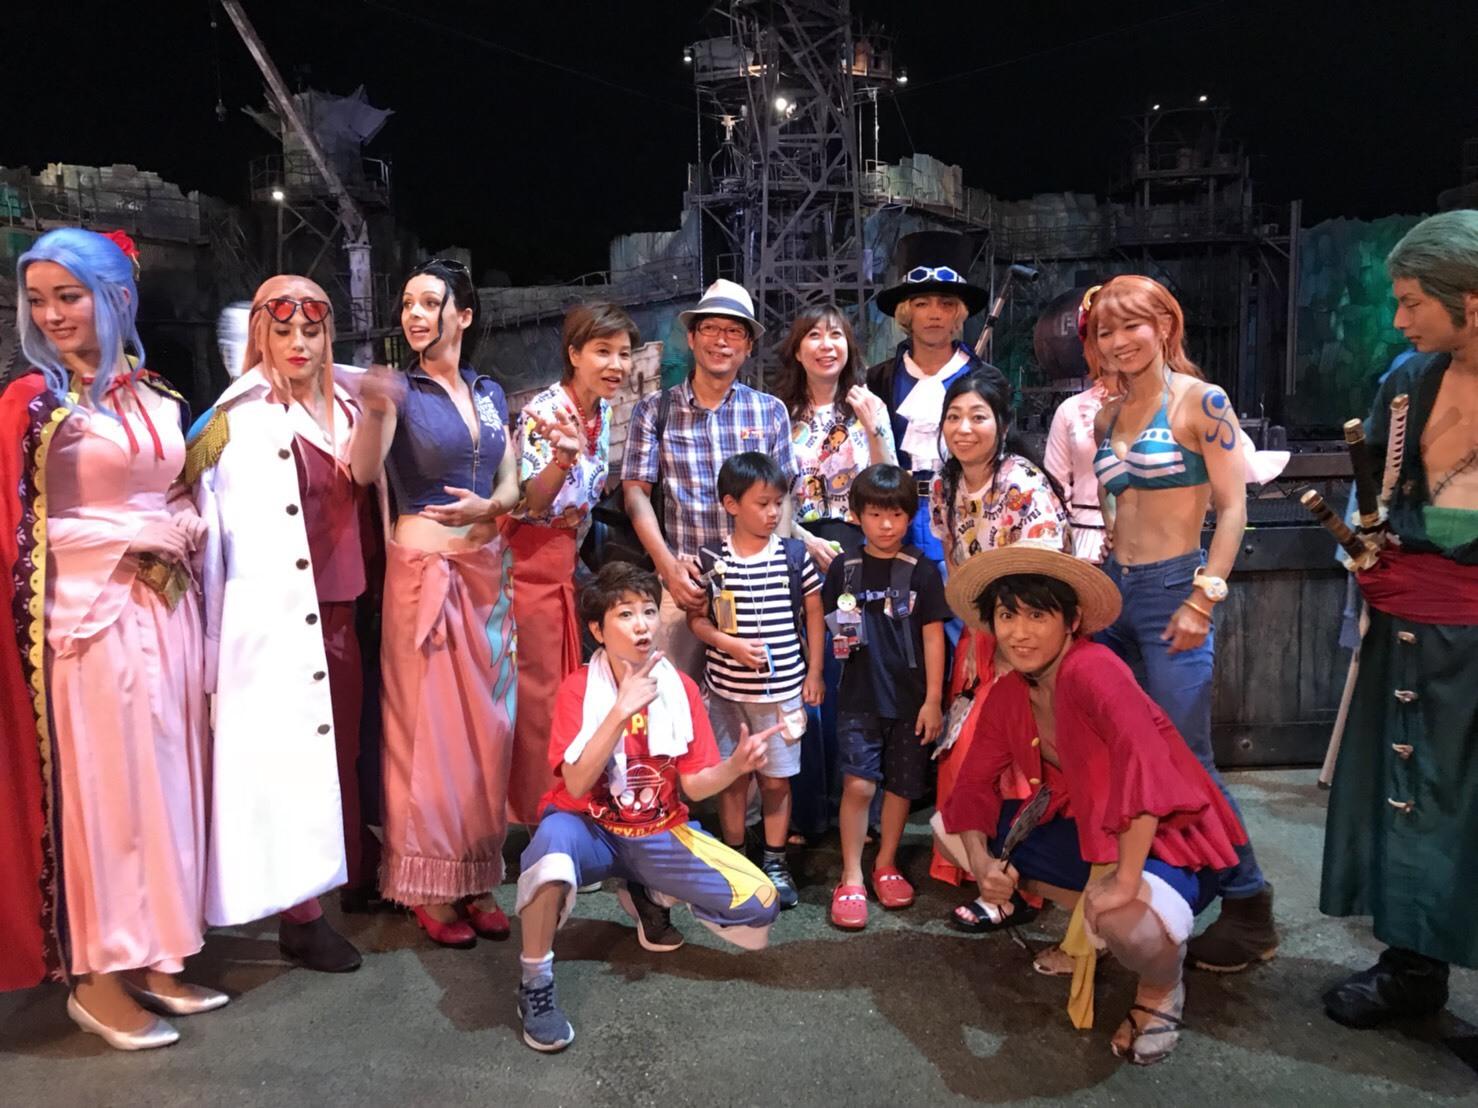 ワンピースプレミアショー 女子会_a0163623_11160022.jpg